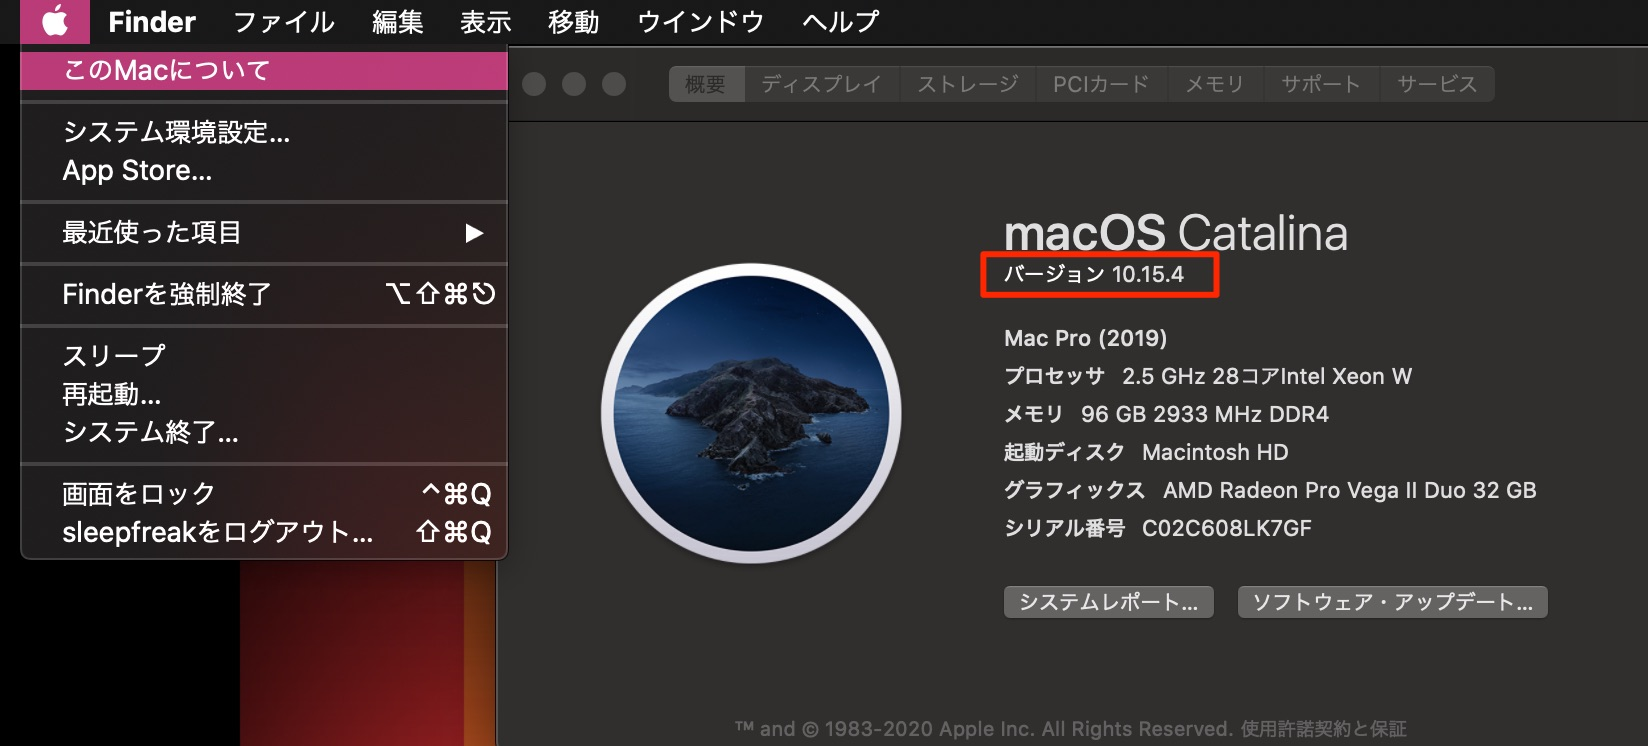 Macについて